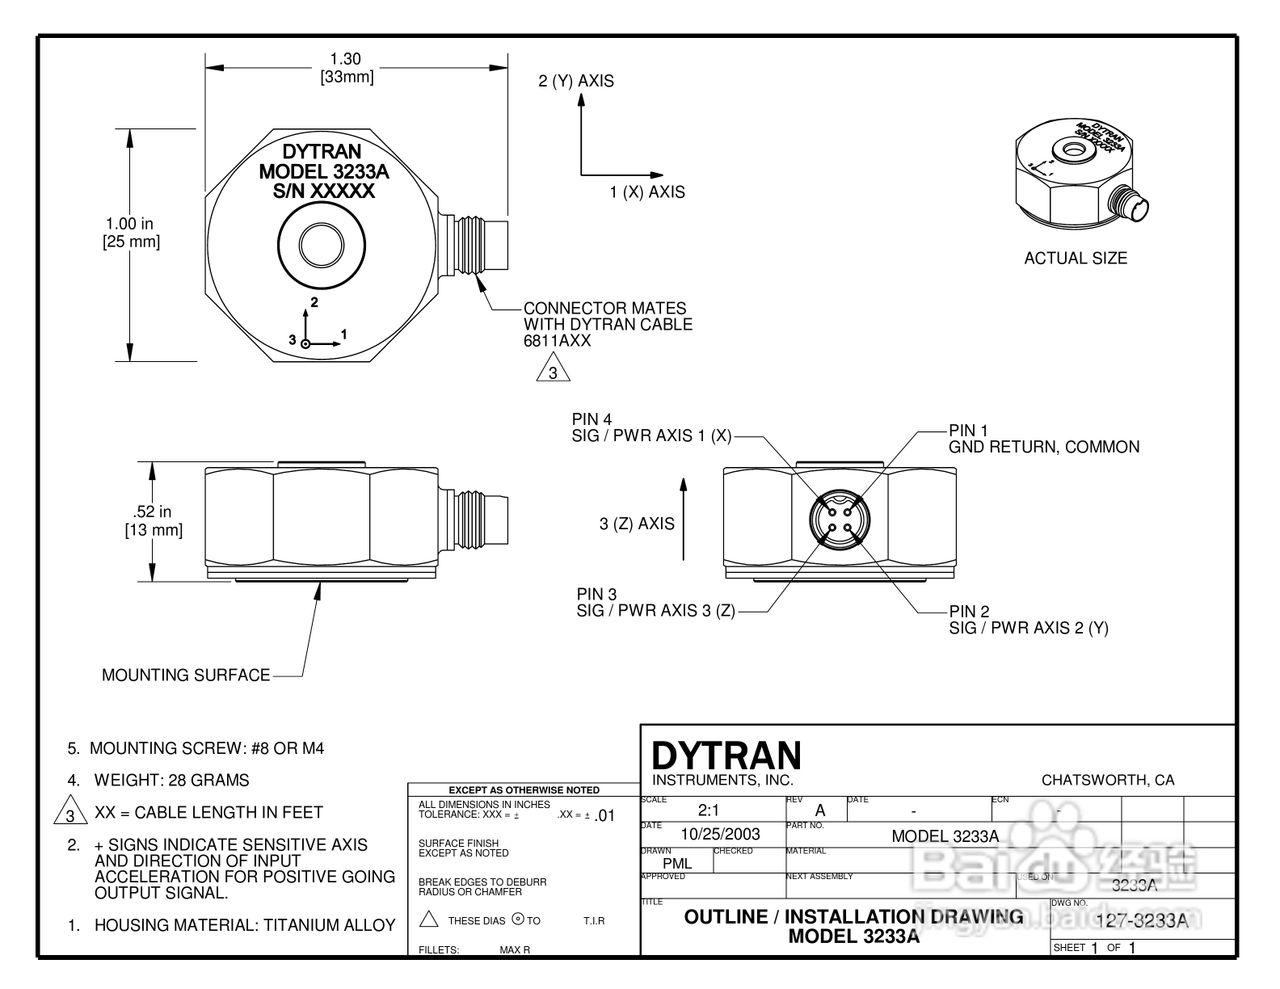 3233a三轴型加速度传感器产品说明书